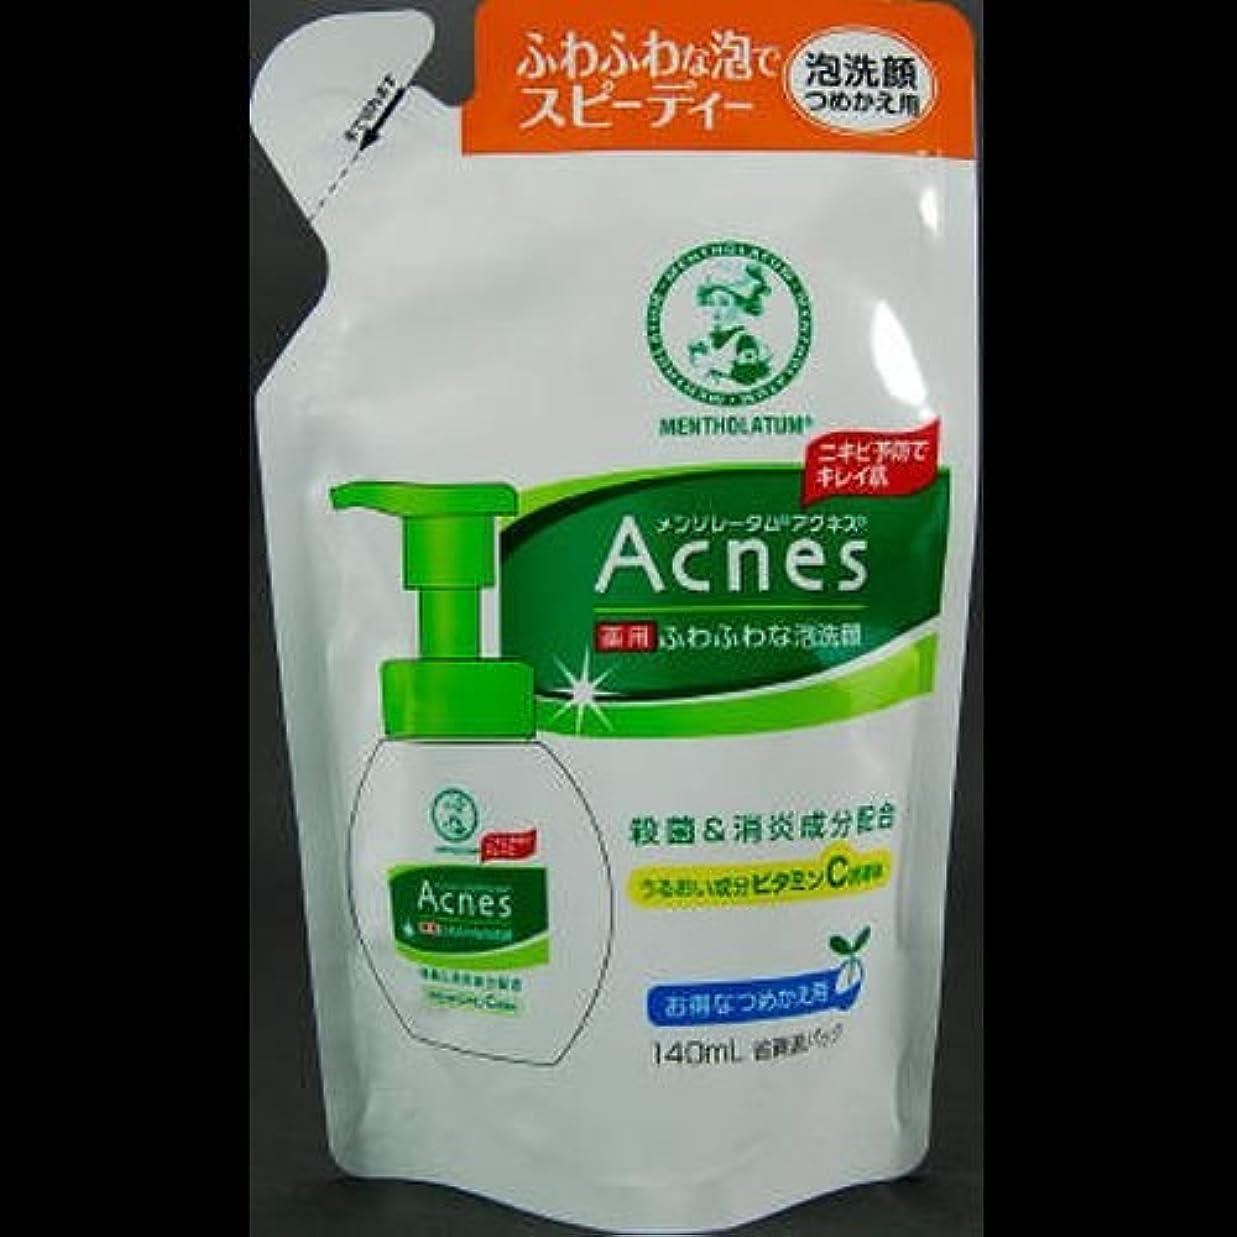 満足できる論理的に工業化する【まとめ買い】アクネス 薬用ふわふわ泡洗顔 つめかえ用 140mL ×2セット